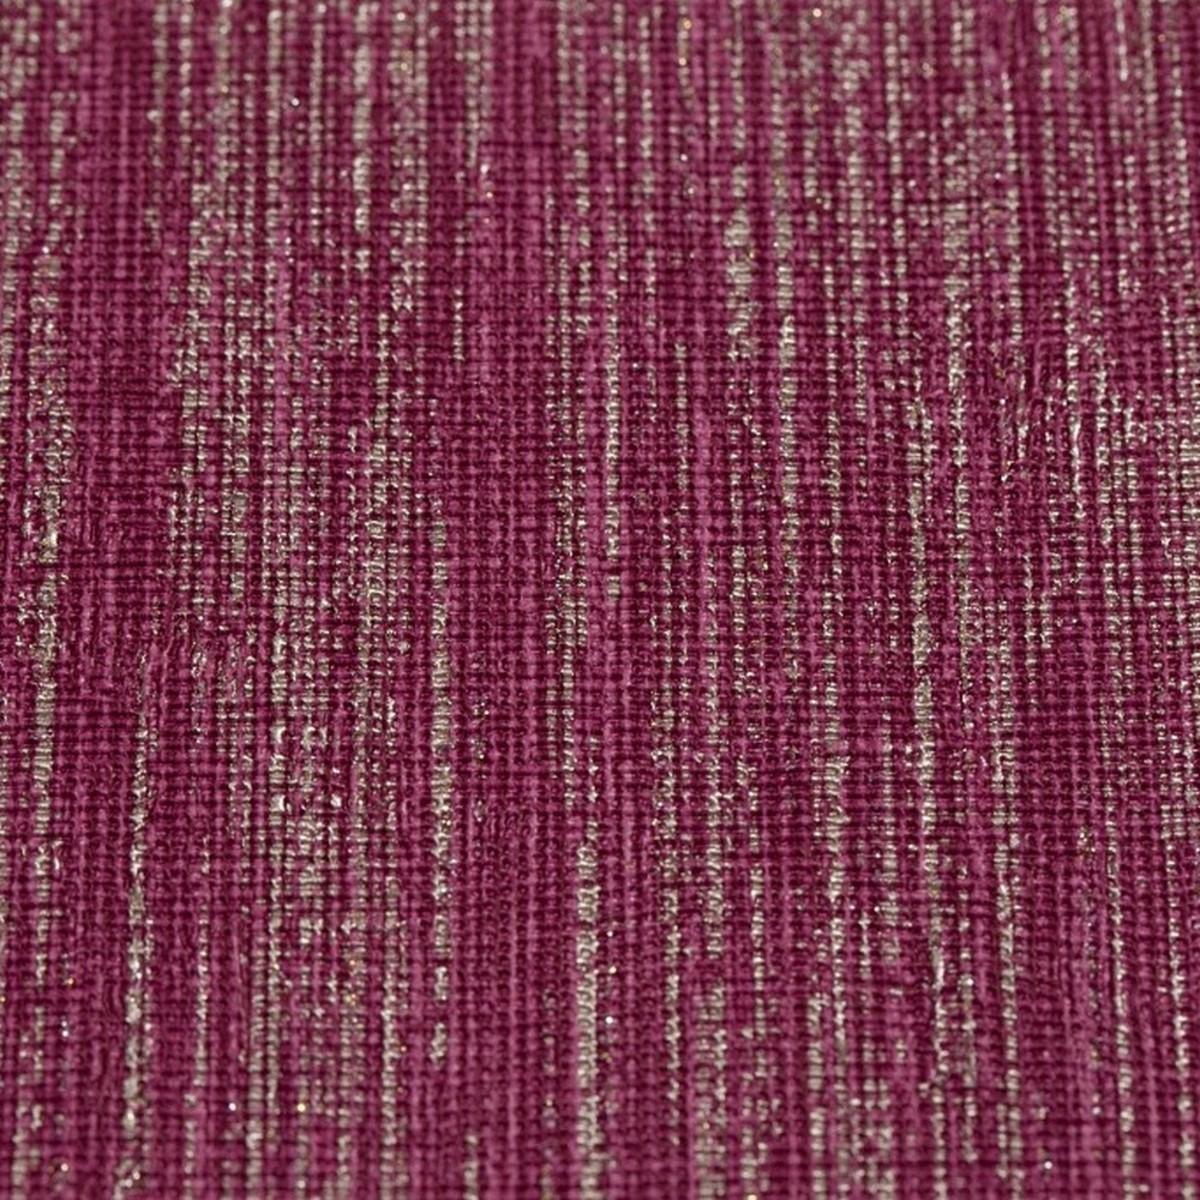 Обои флизелиновые Палитра красные 1.06 м PL71032-55